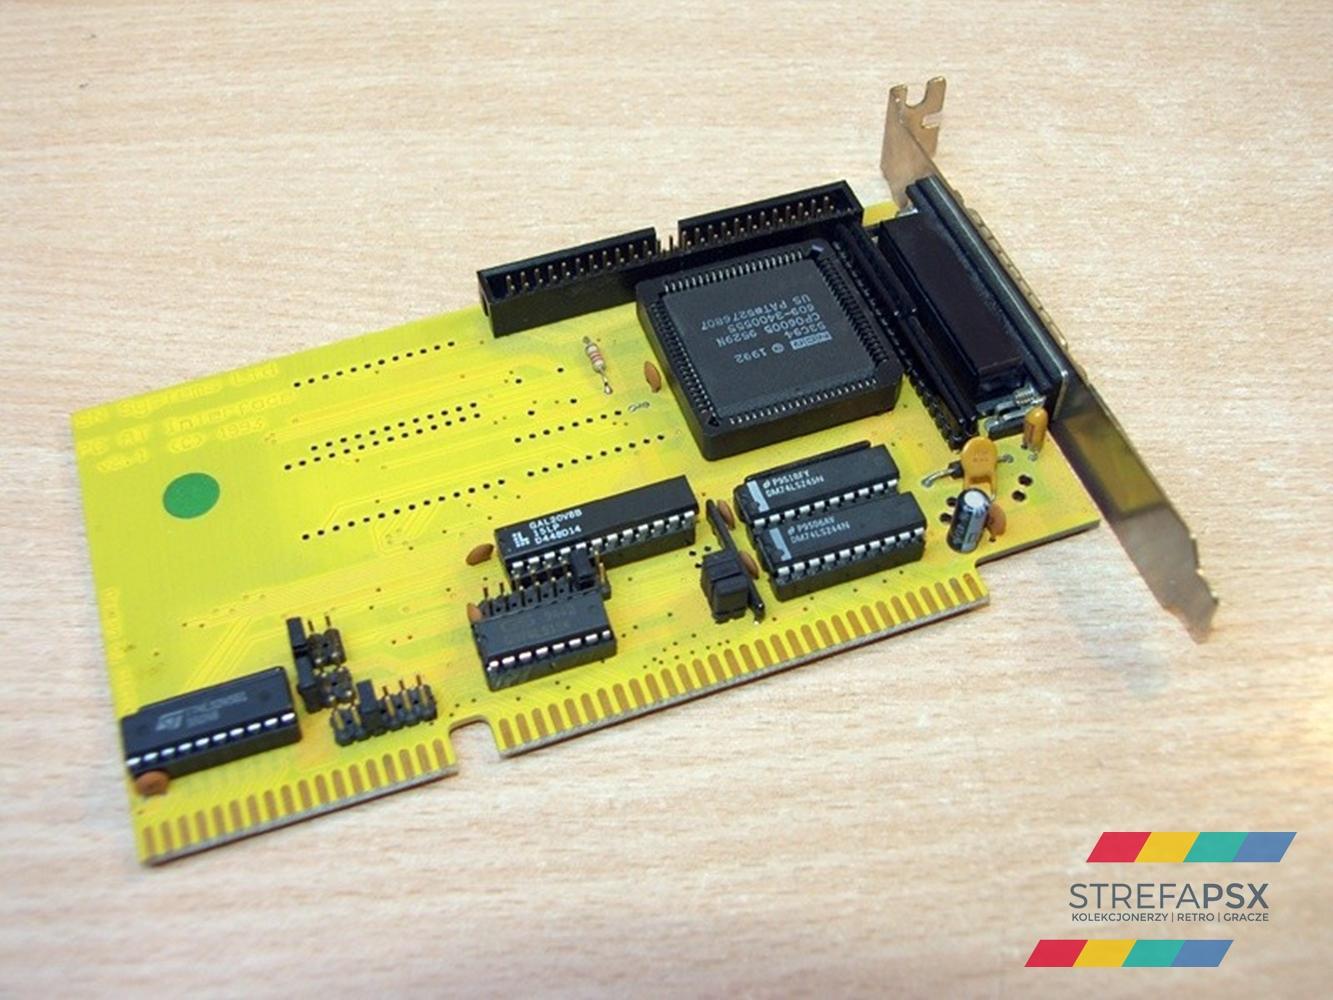 psy q development playstation 02 - Odkrywamy historię zestawów deweloperskich PlayStation